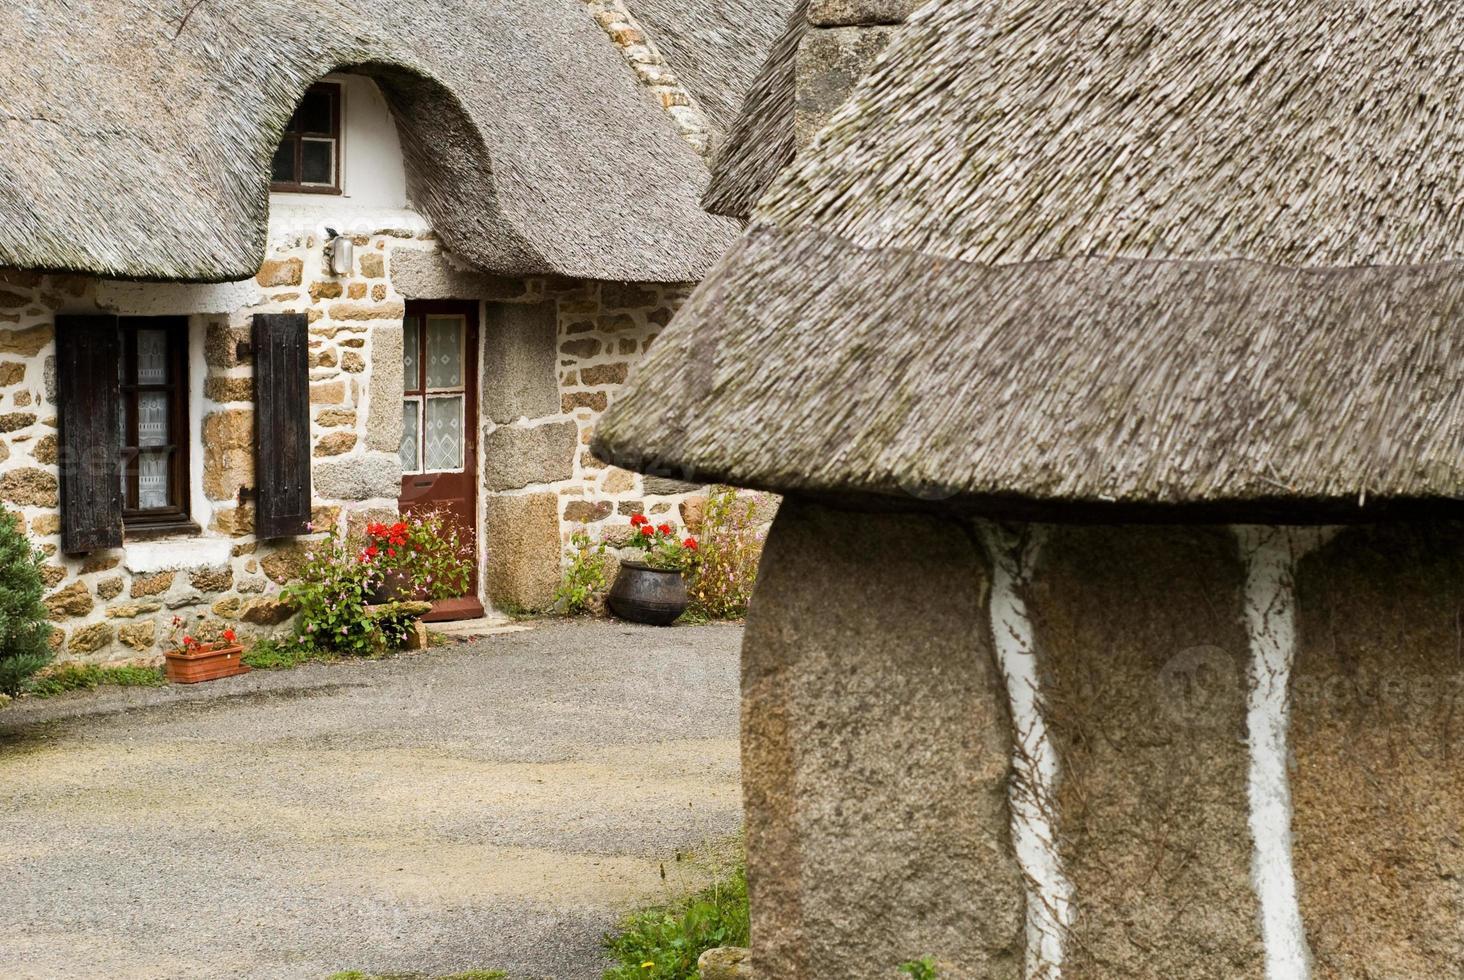 Casas de paja tradicionales en Bretaña Francia foto